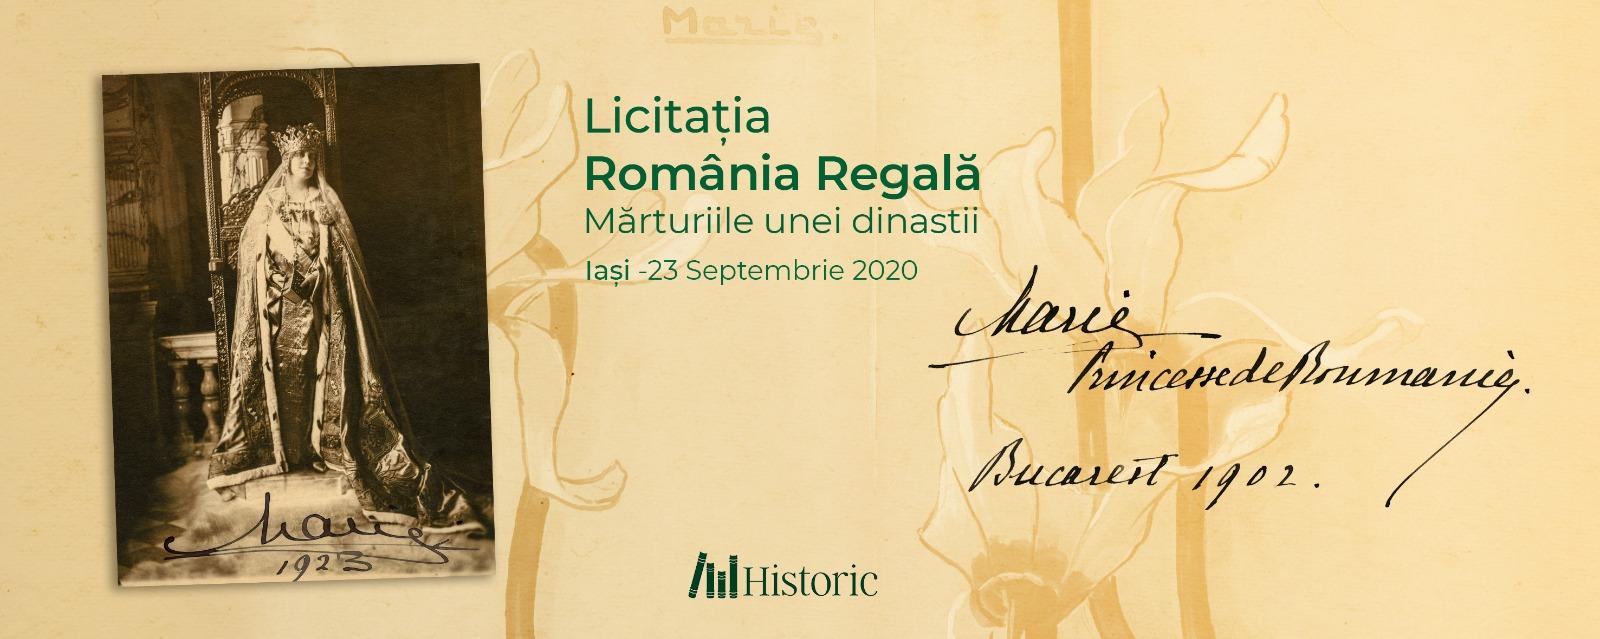 Licitația Romania Regală Partea I